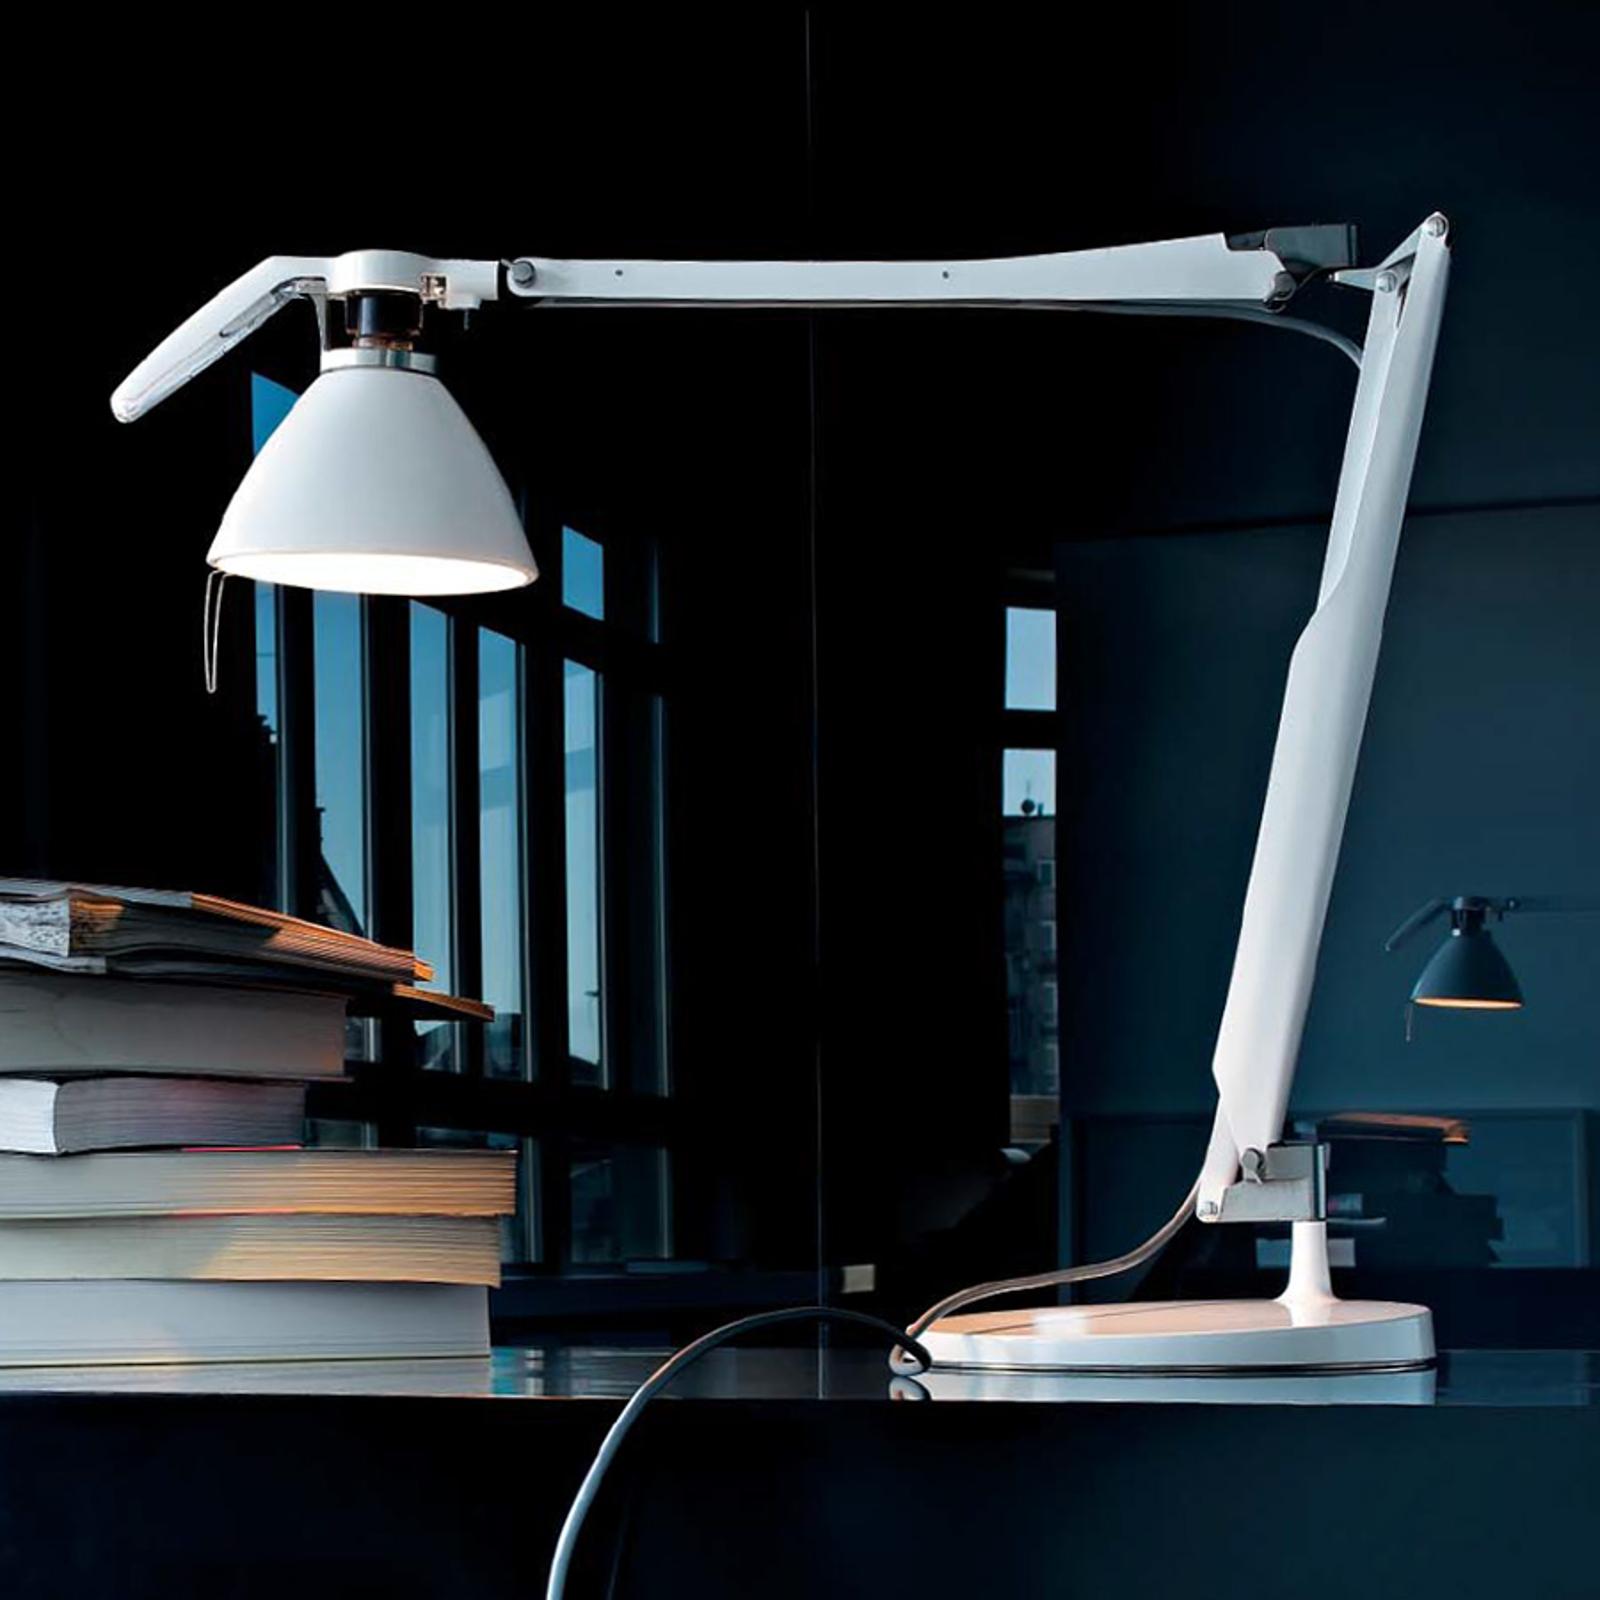 Fortebraccio-LED-työpöytälamppu LEDillä valkoinen